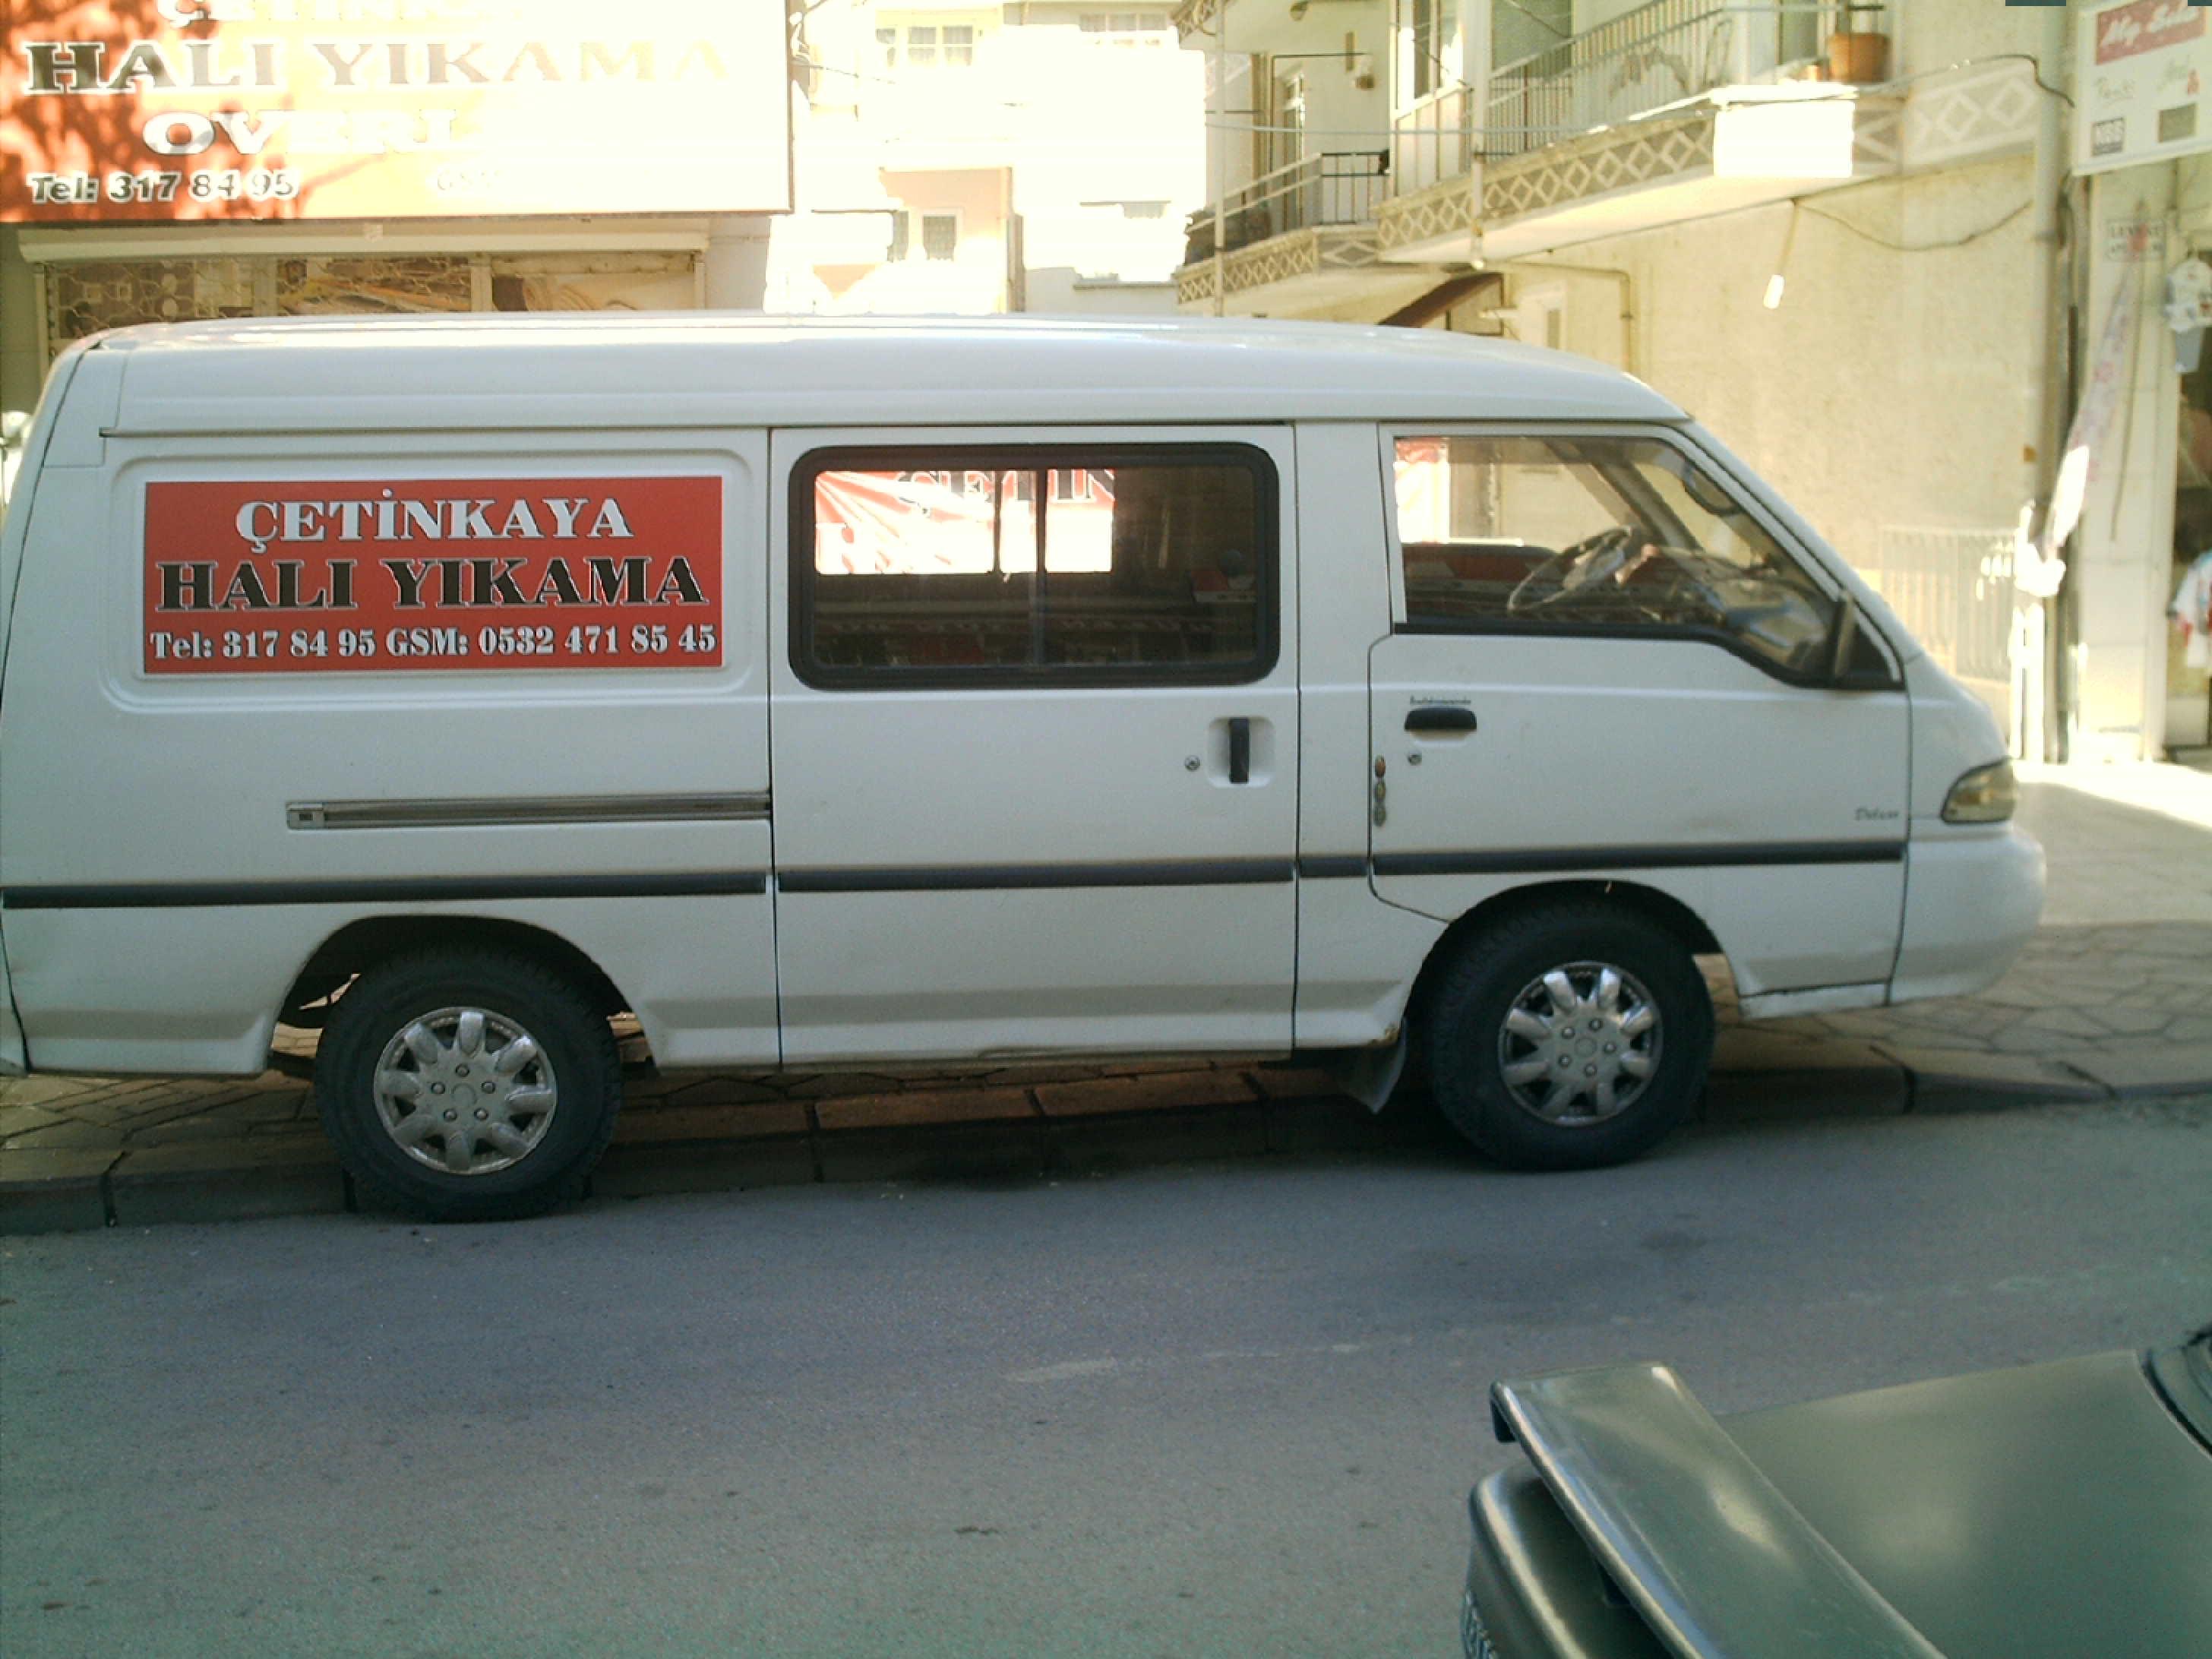 saracalar_hali_yikama_servis_araci